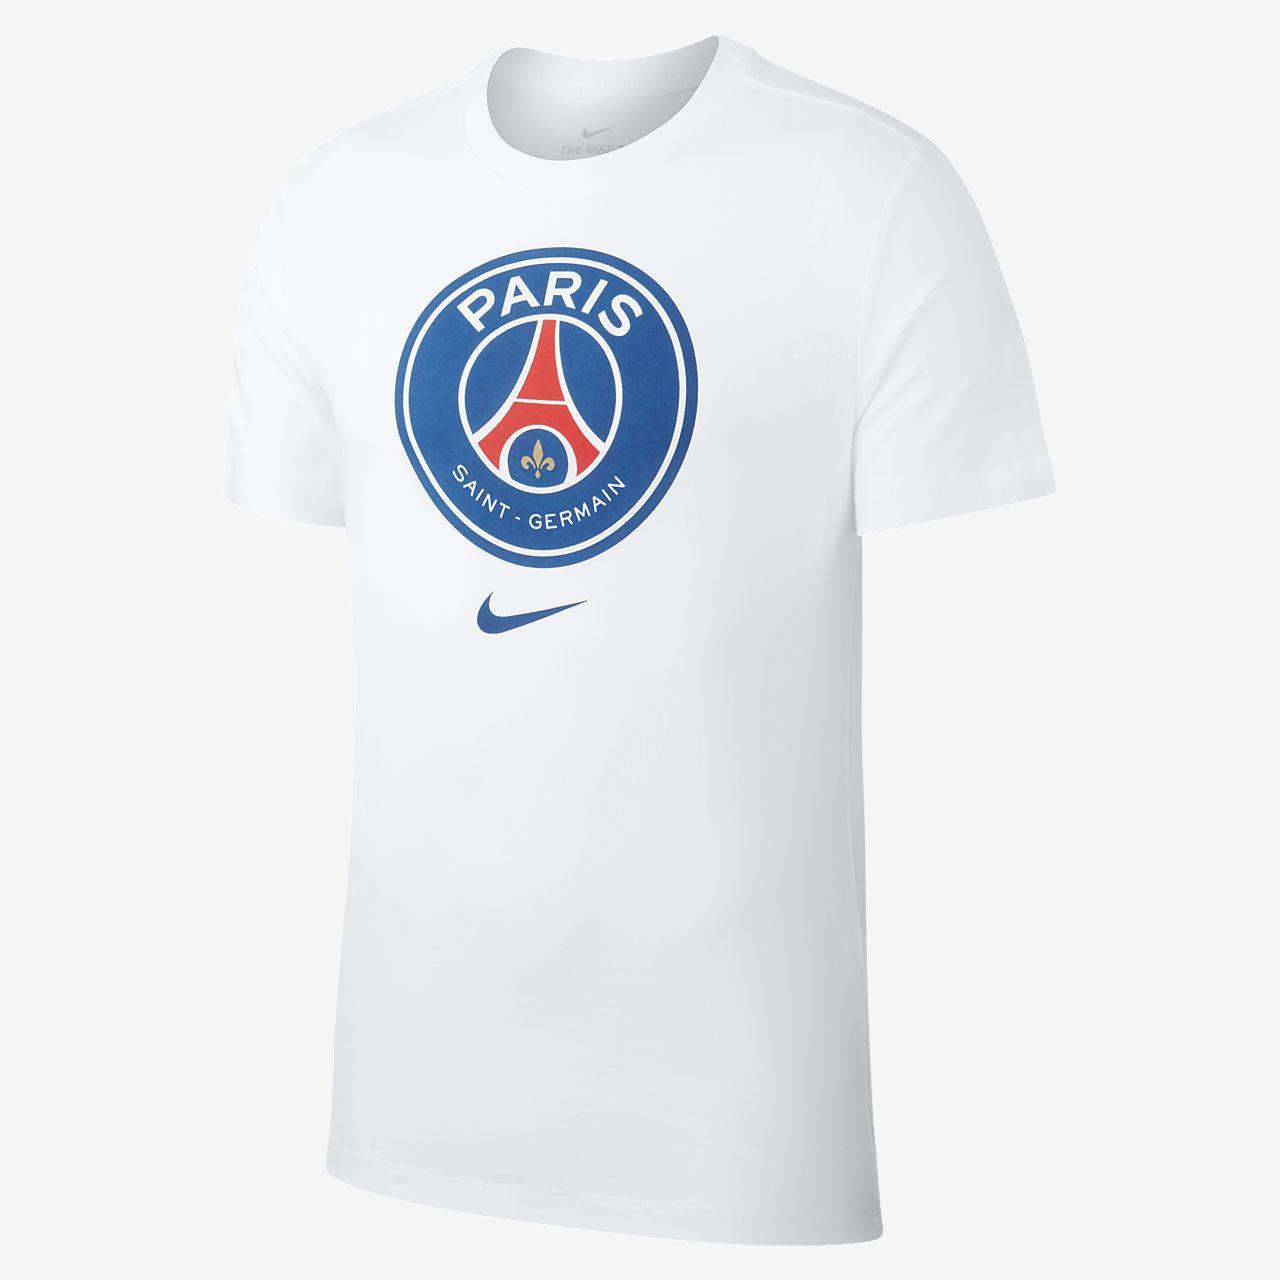 T-shirt Paris Saint-Germain - Uomo